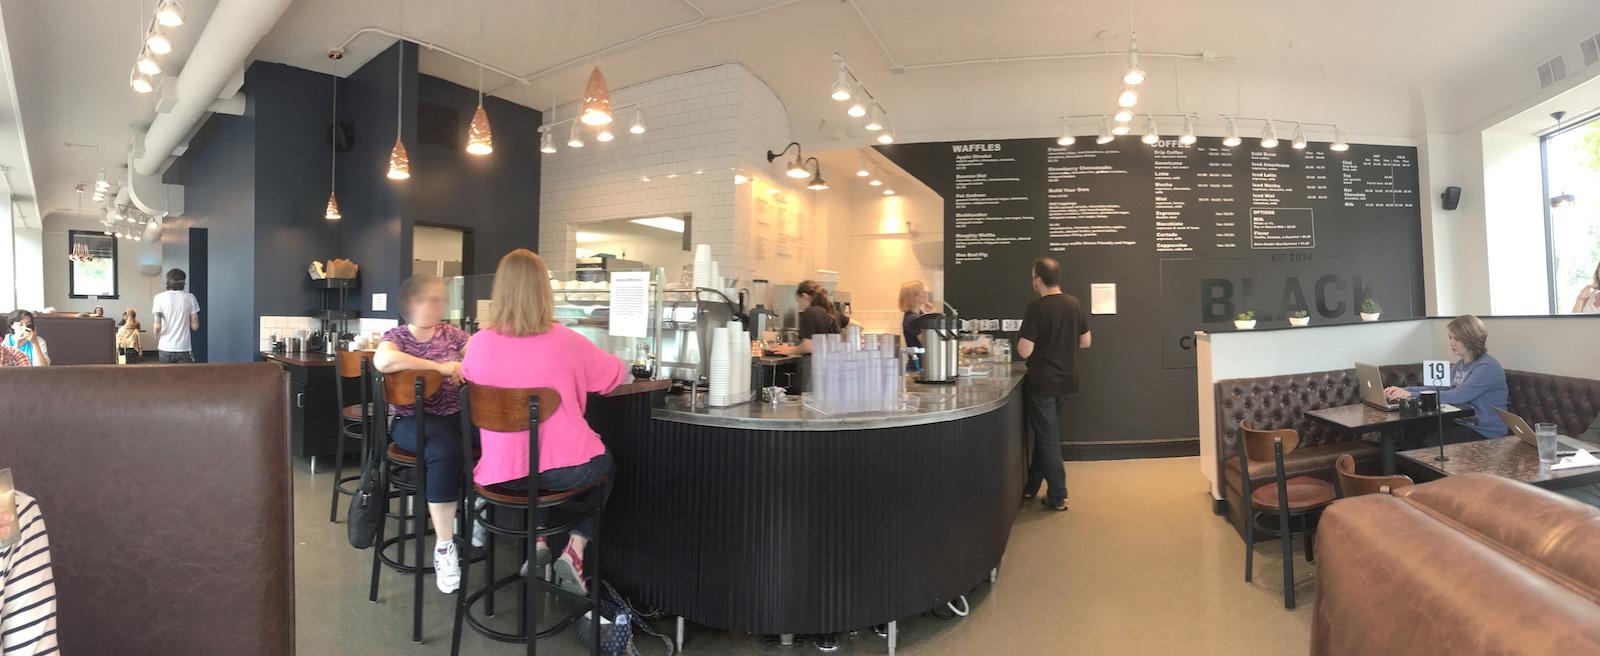 black coffee panorama